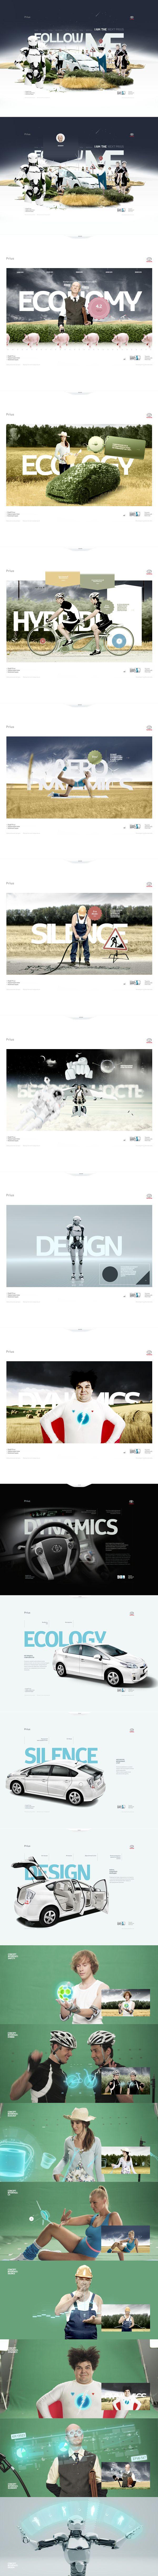 #Toyota #Prius by Alex Kudryavtsev, via #Behance #Webdesign